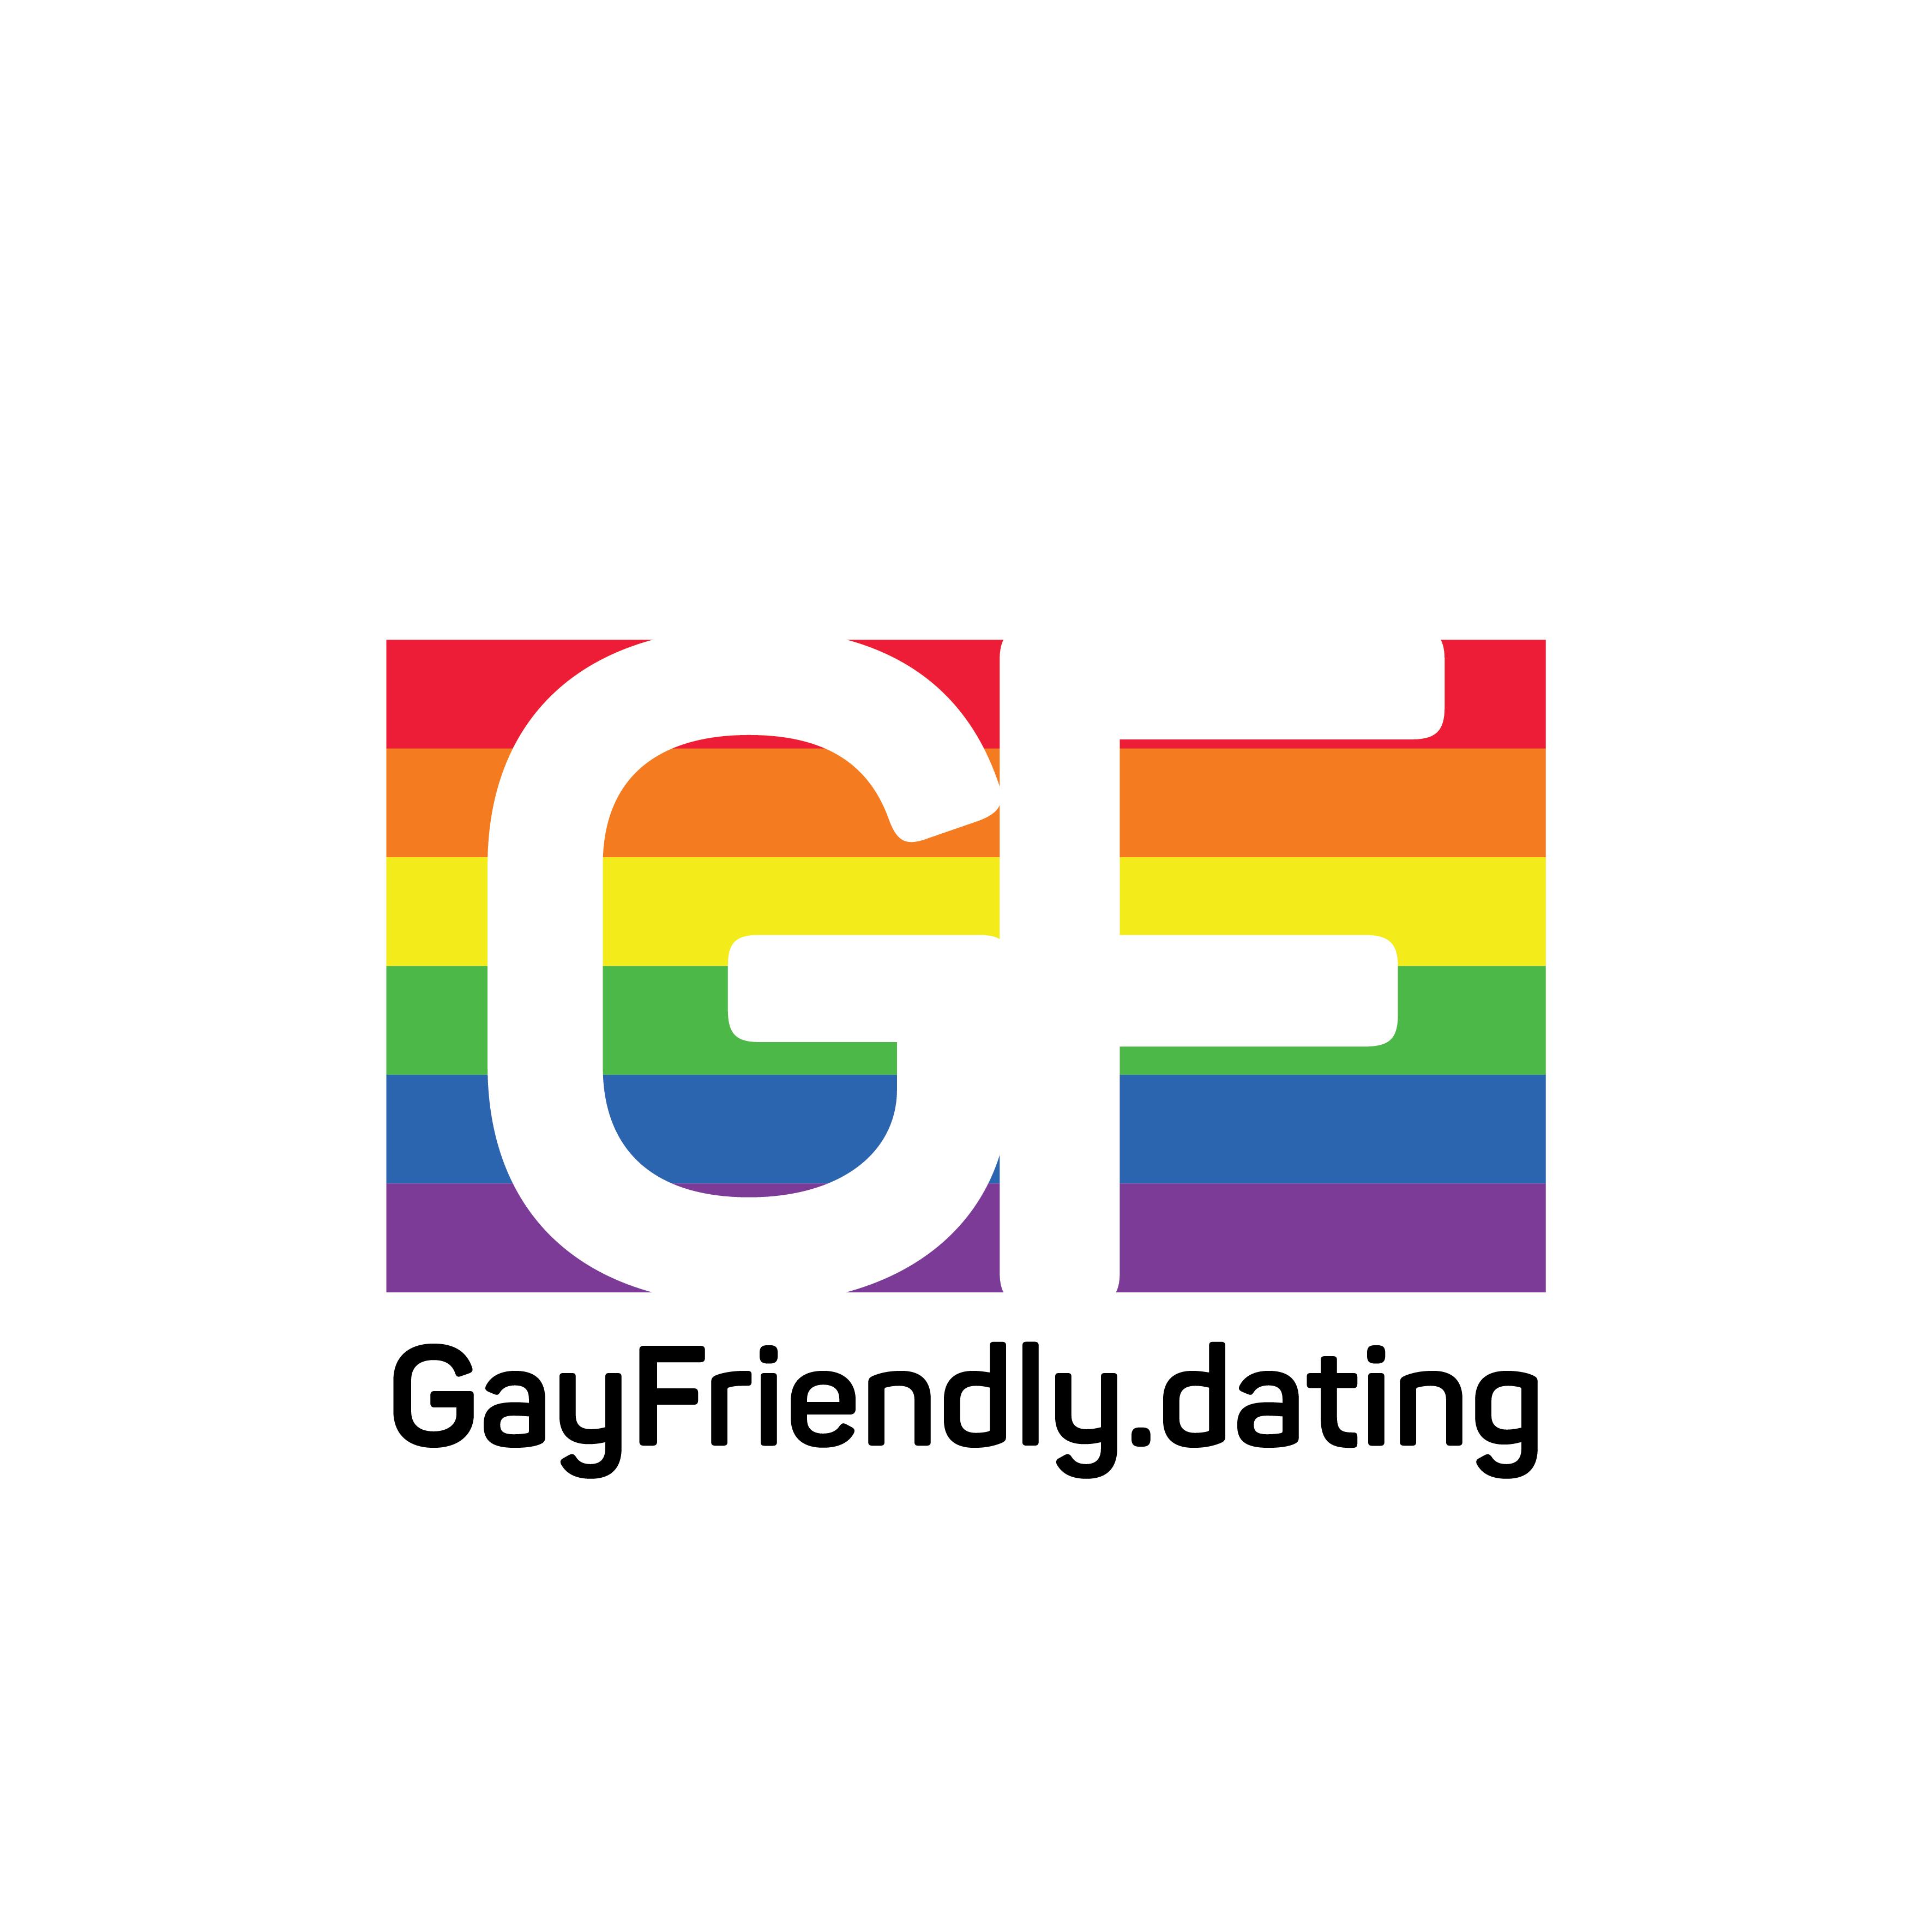 Разработать логотип для англоязычн. сайта знакомств для геев фото f_8505b4da5757edd0.png